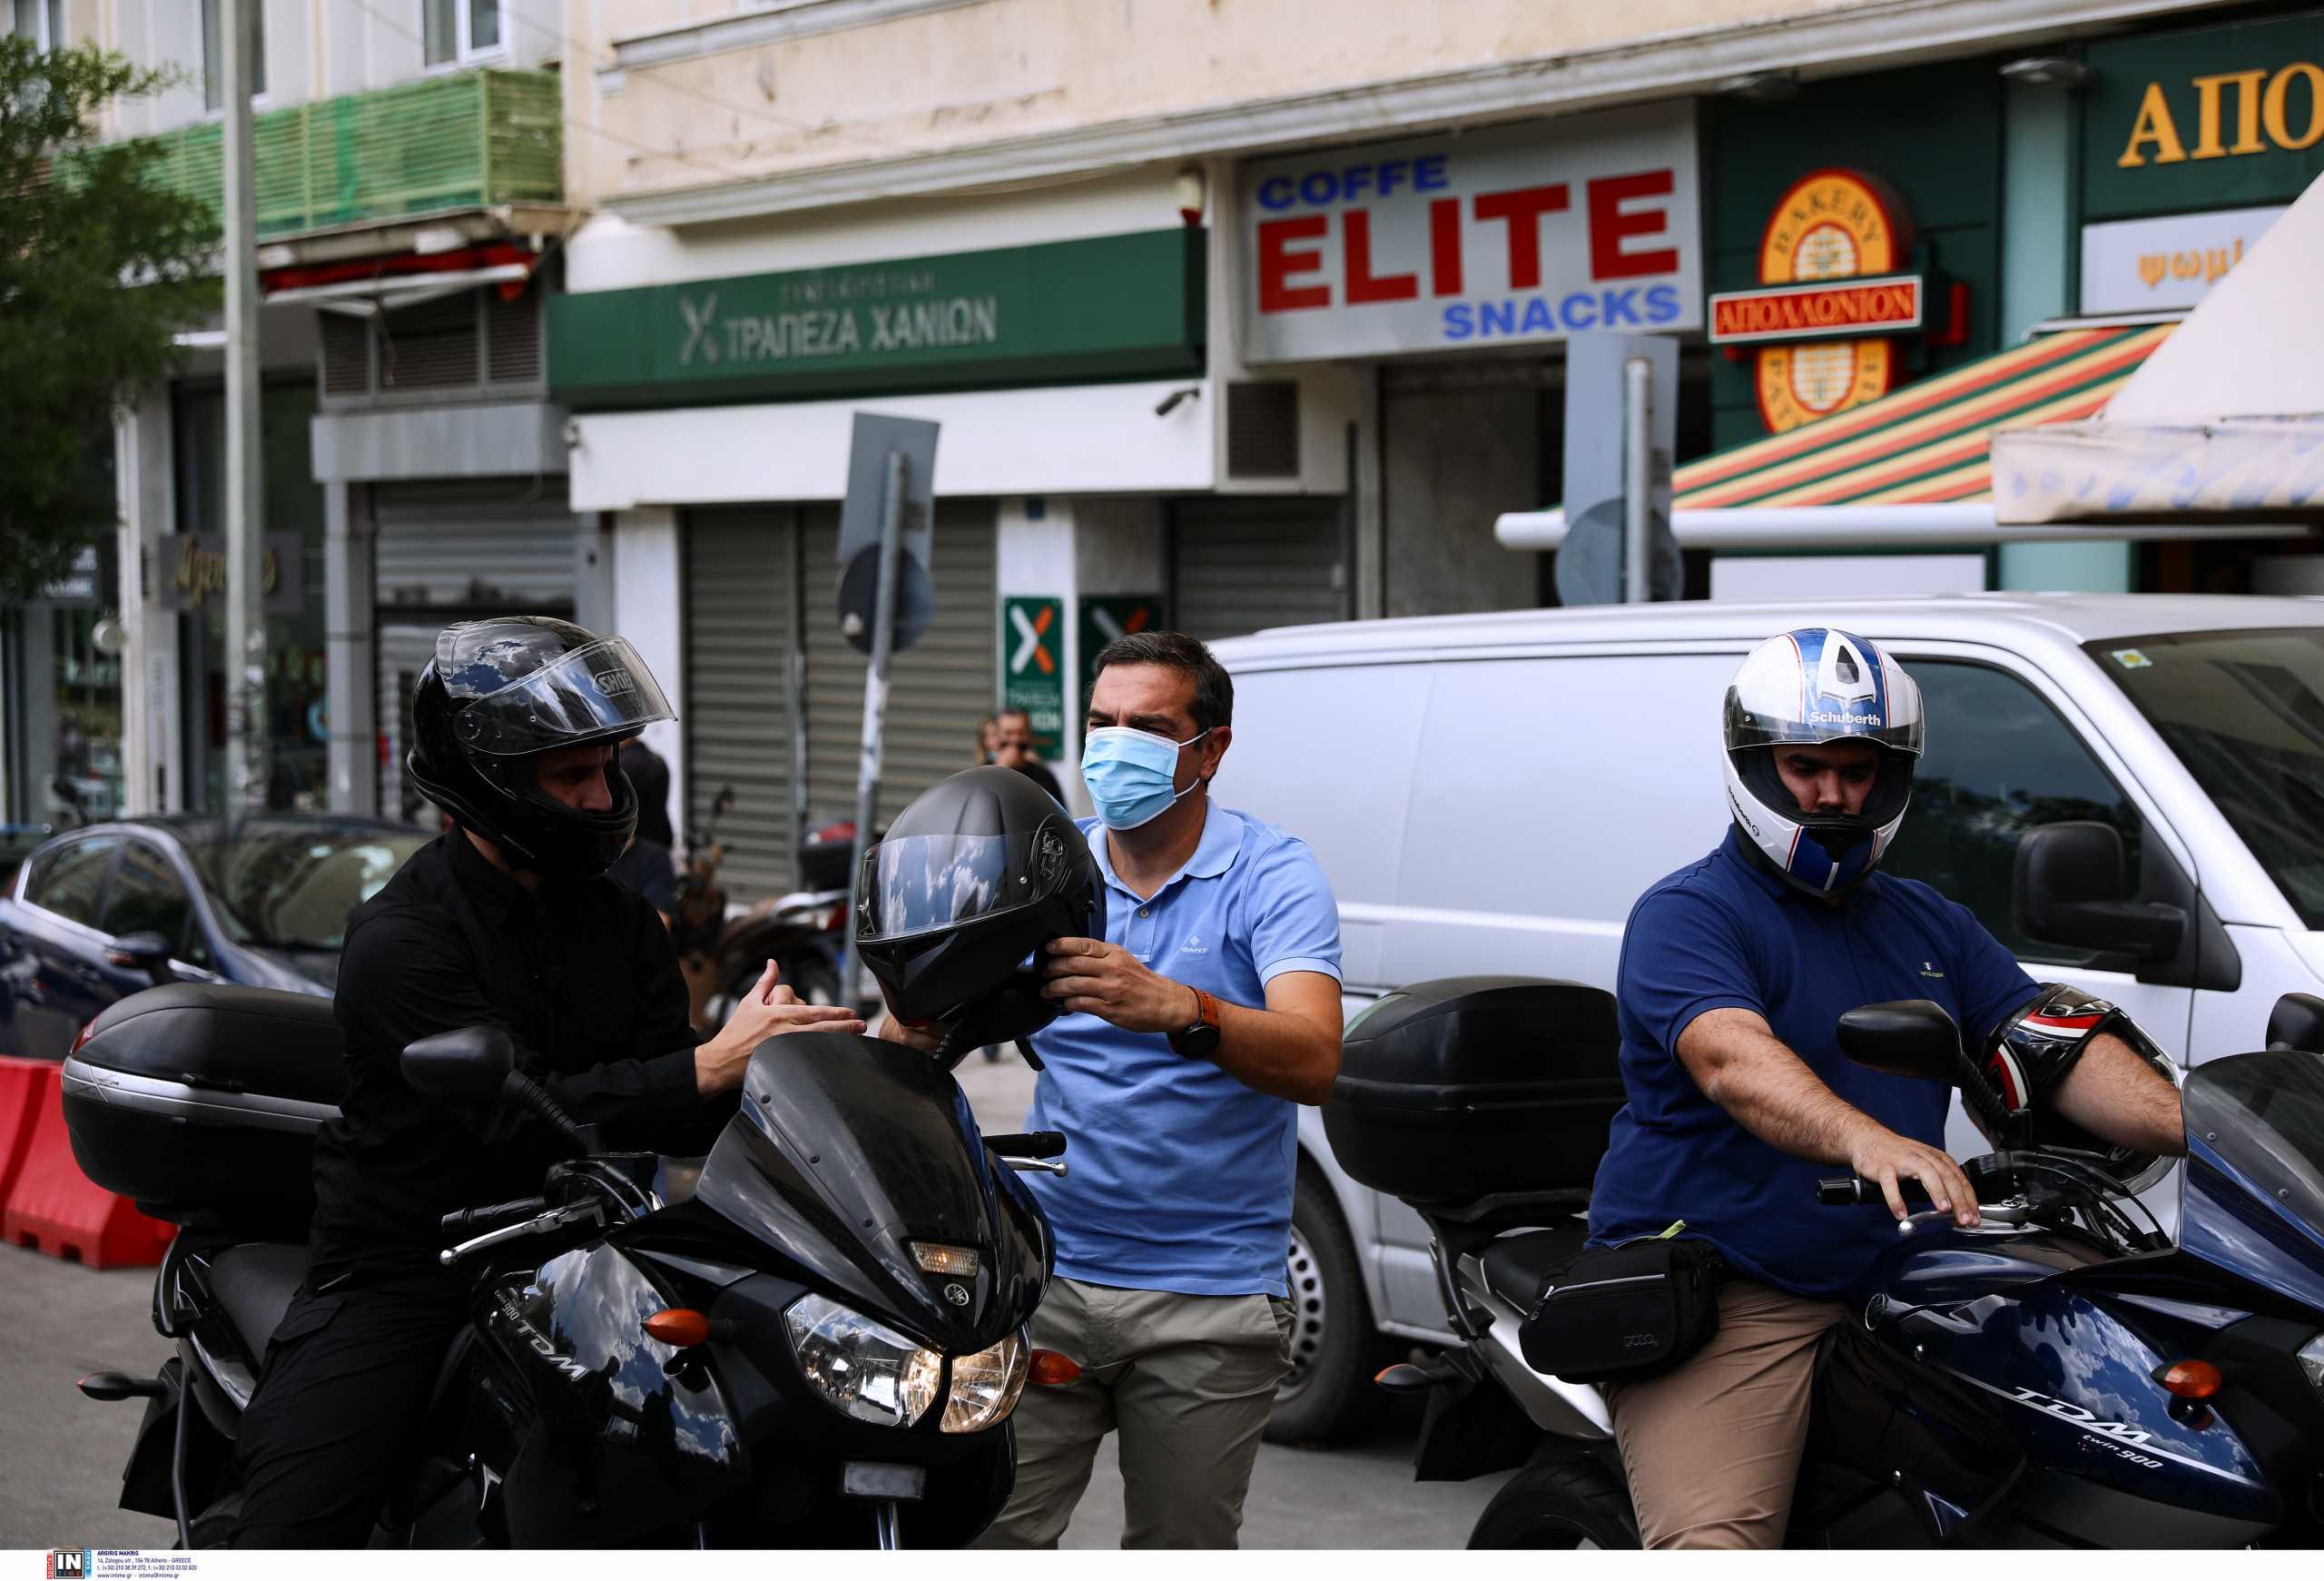 Απεργία: Με μηχανή στην πορεία ο Αλέξης Τσίπρας – Selfies, χαμόγελα και αγκαλιές (pics)